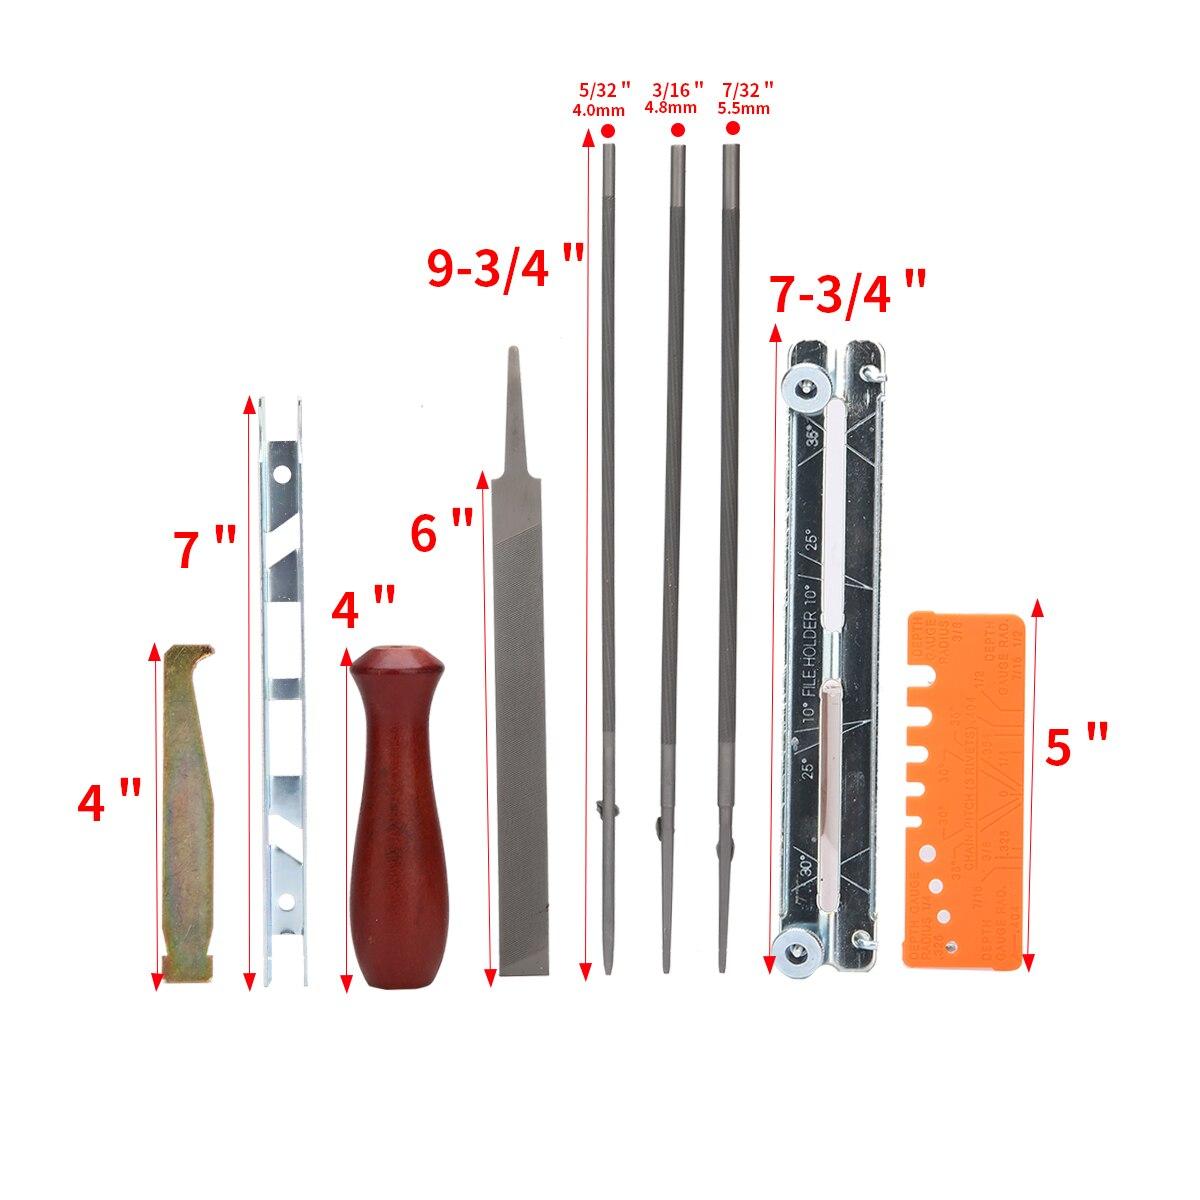 10 шт., практичный набор для ЗАТОЧКИ ЦЕПНОЙ ПИЛЫ, набор инструментов, направляющий стержень, точилка для файлов, инструменты для шитья, рукоделие, инструмент для тиснения